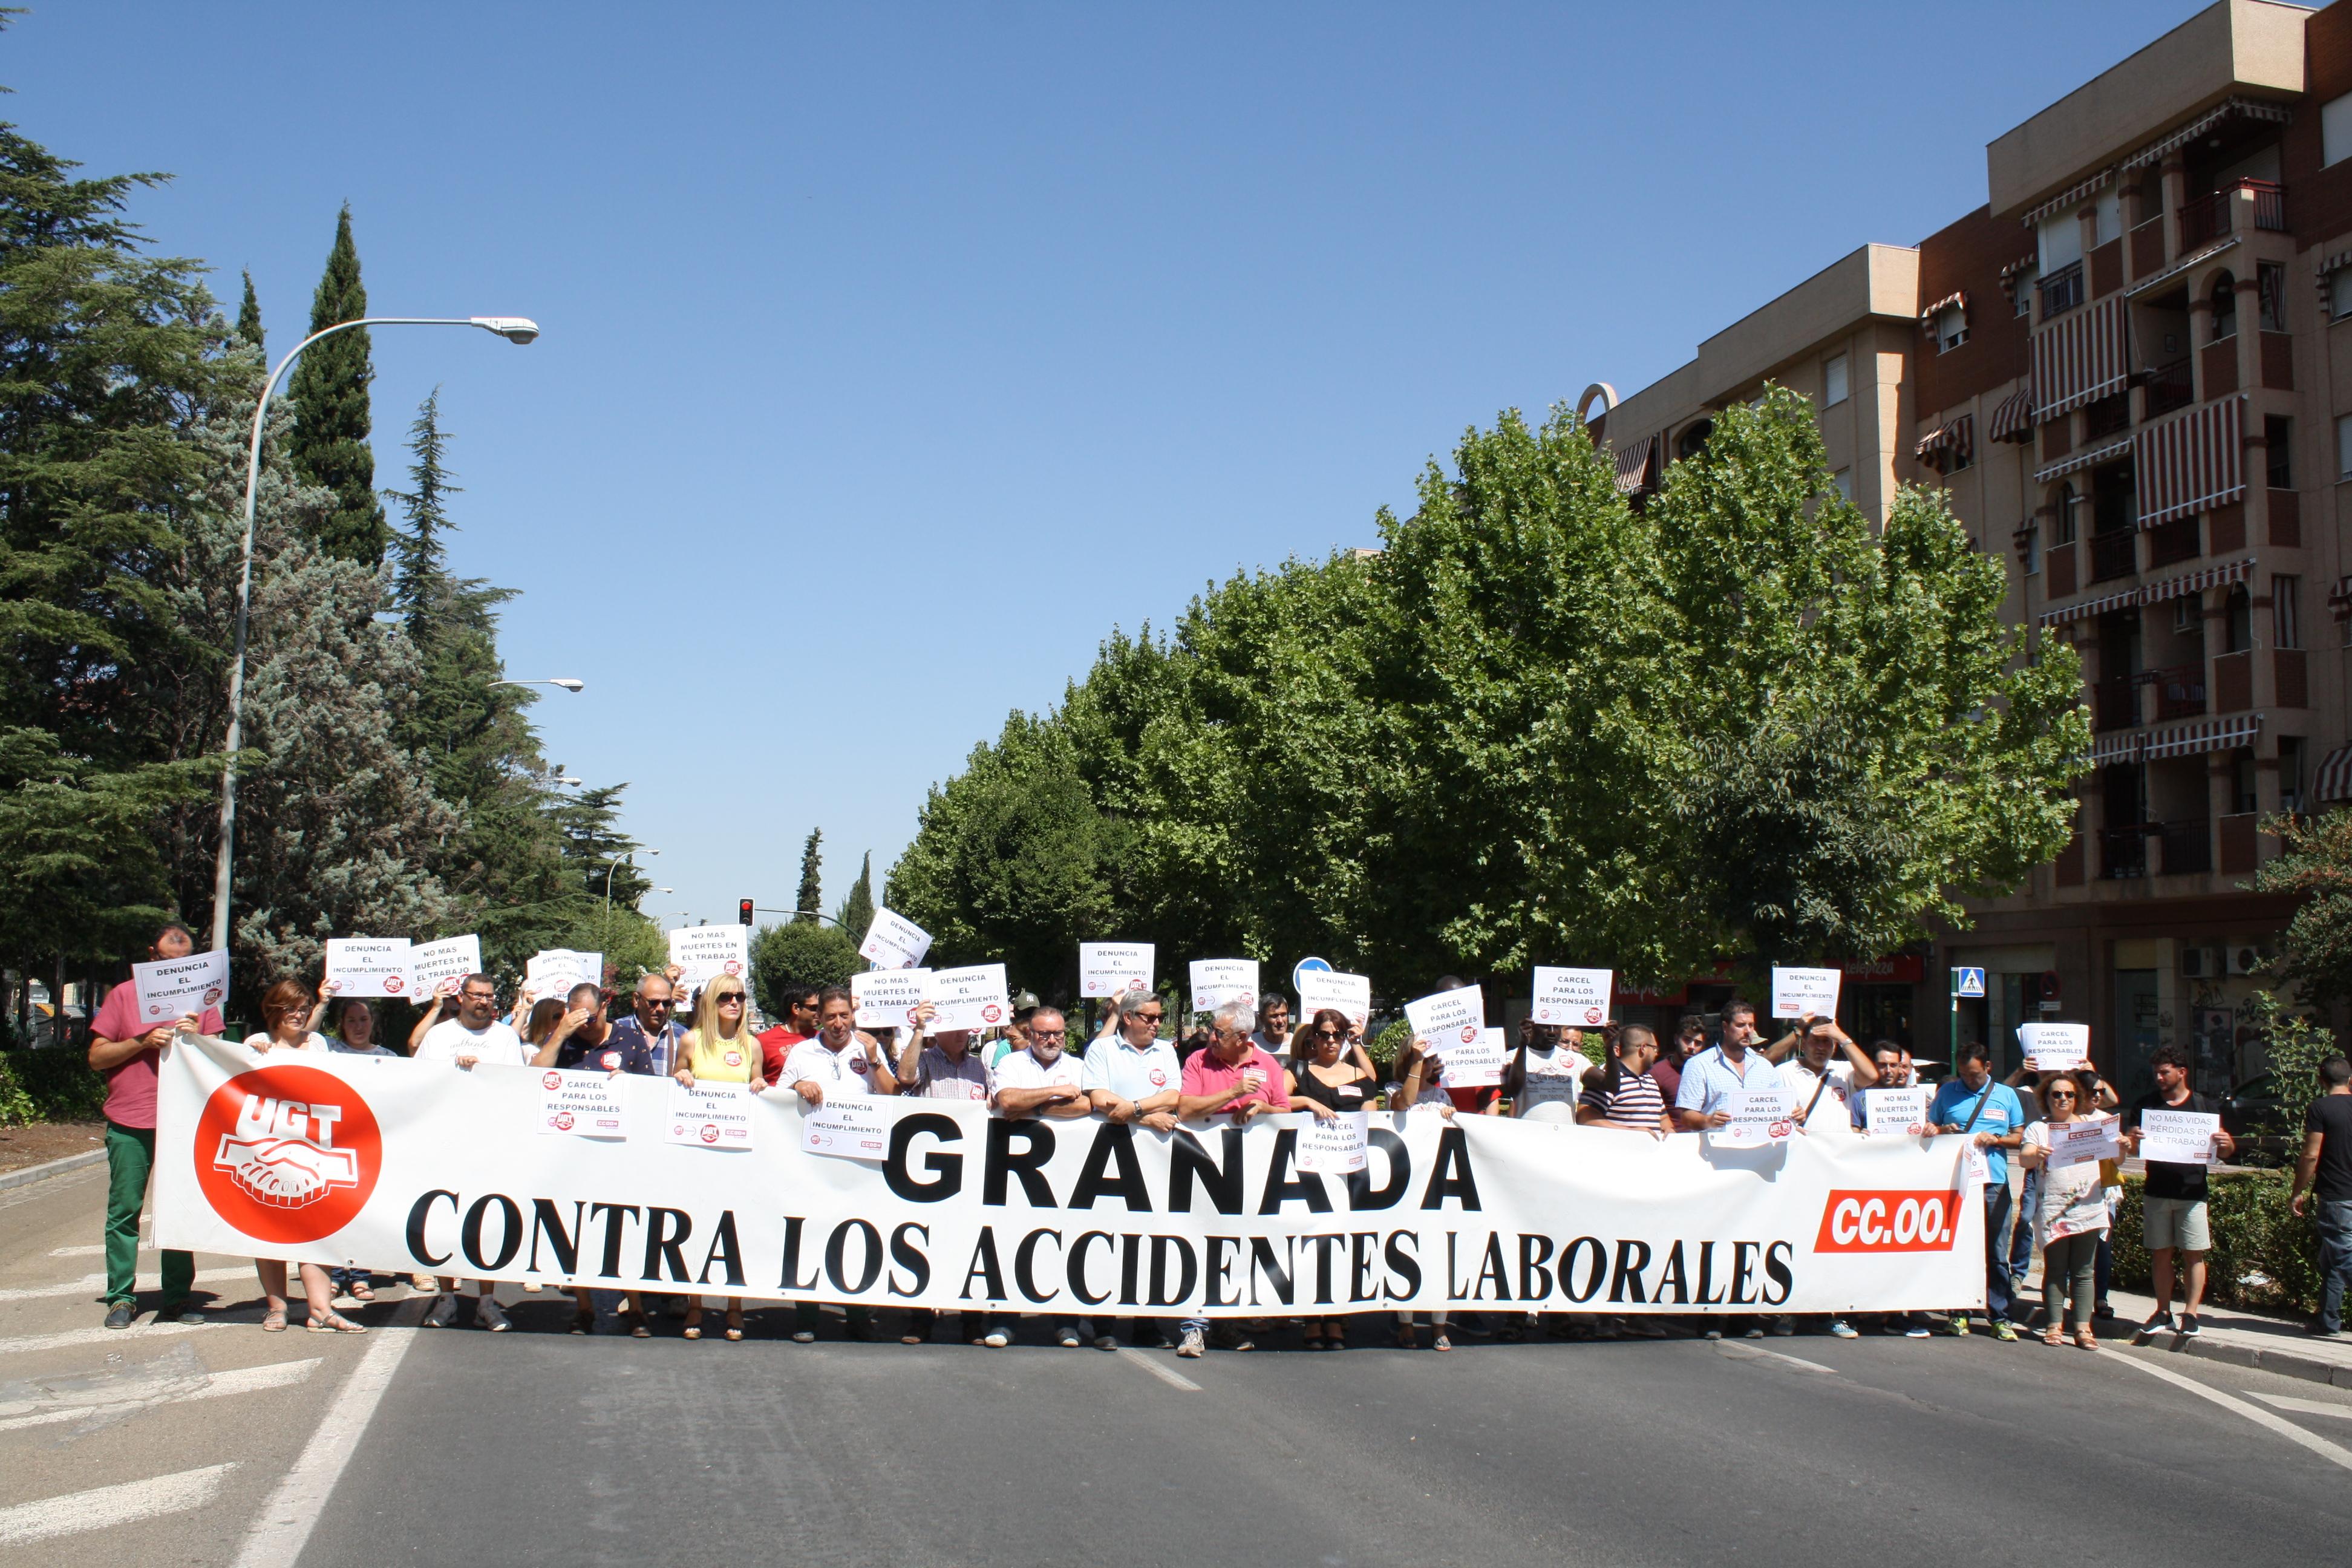 Los sindicatos piden que se investigue si faltaron medidas de seguridad en la muerte del trabajador en Cogollos Vega